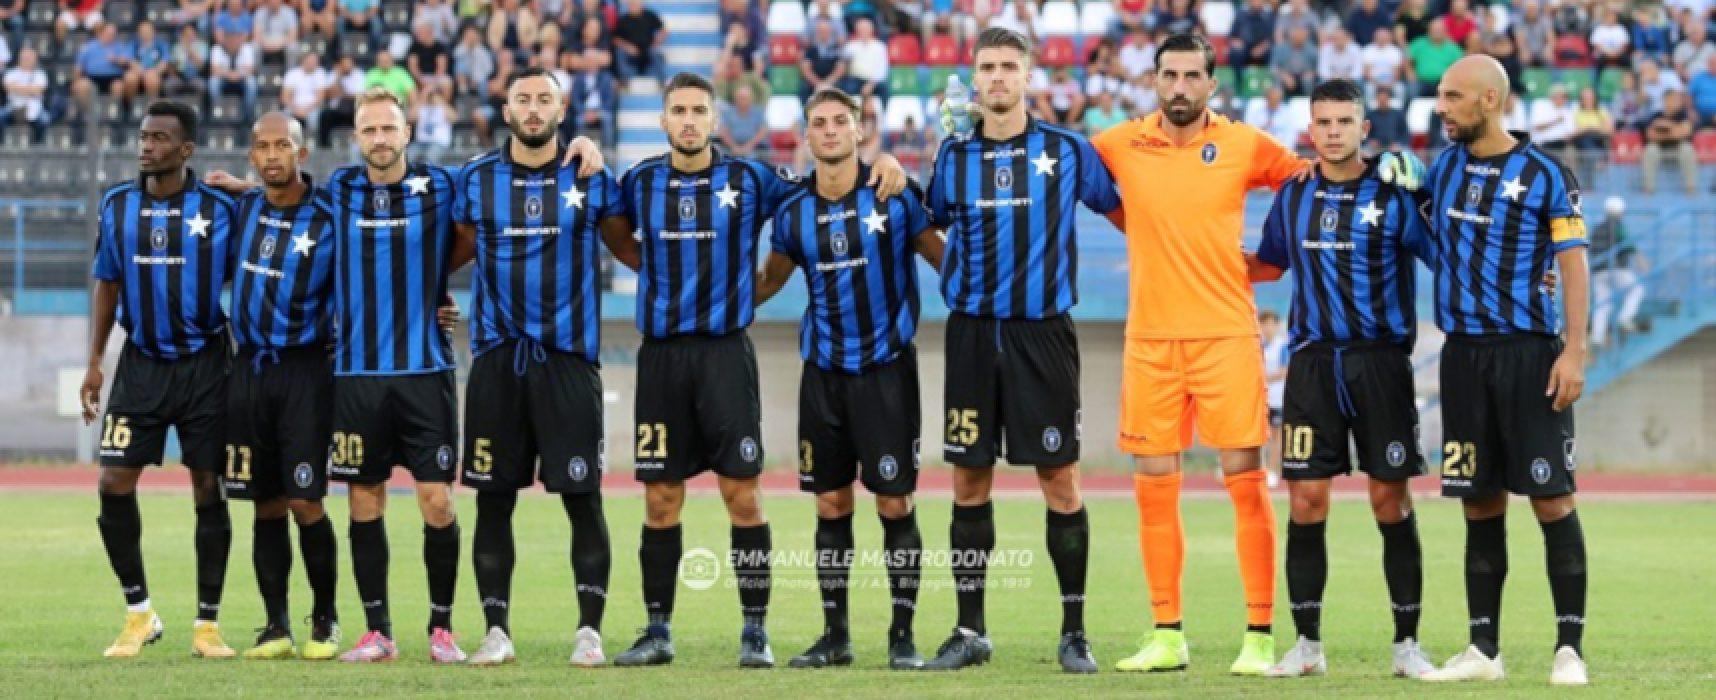 Comincia dal Picerno l'avventura di Pochesci sulla panchina del Bisceglie Calcio